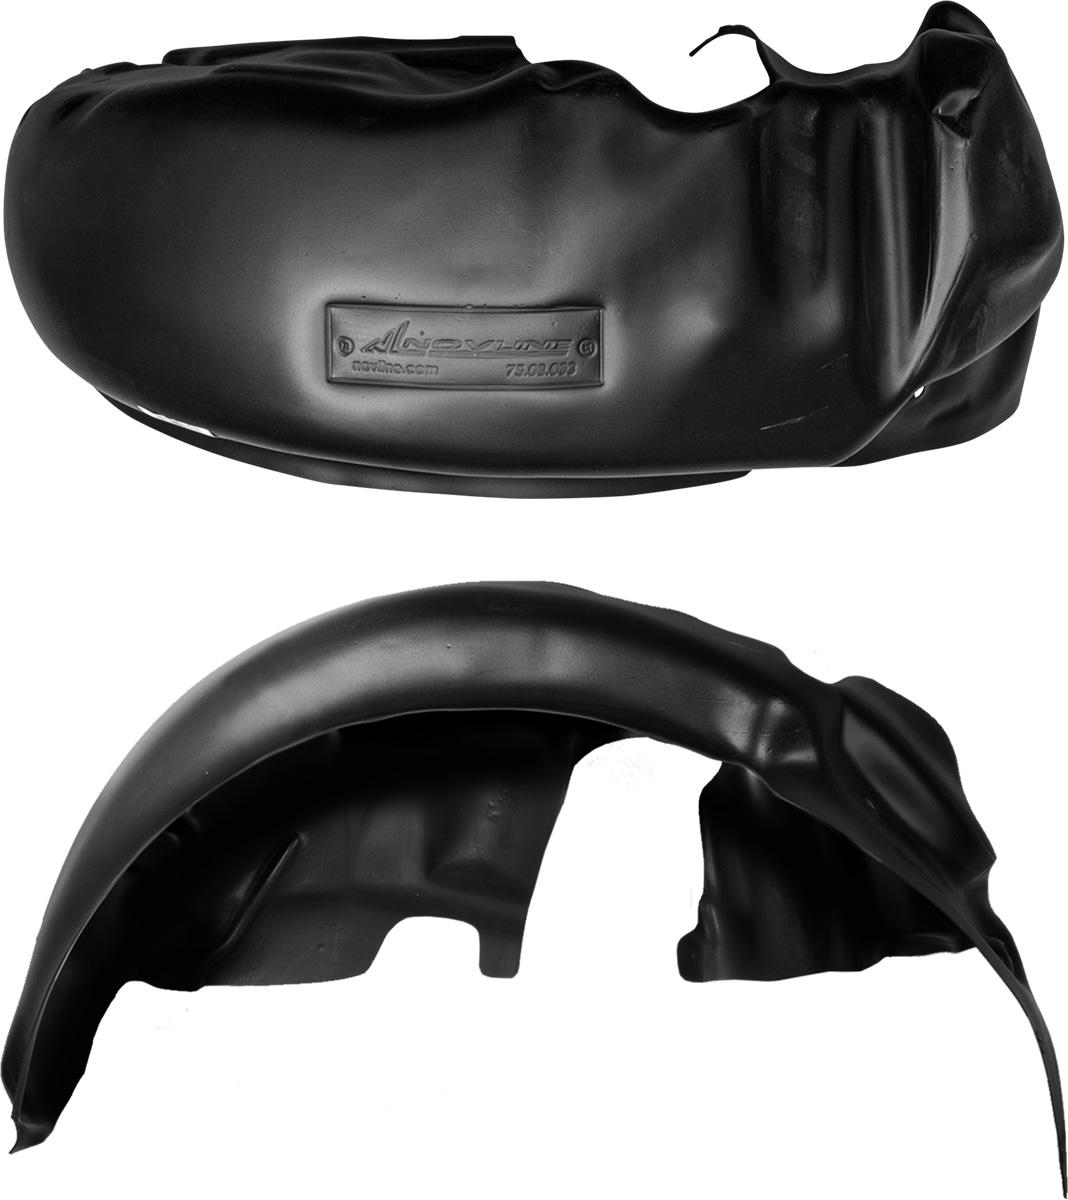 Подкрылок Novline-Autofamily, для FORD Kuga, 2013-, задний левыйNLL.16.23.003Колесные ниши - одни из самых уязвимых зон днища вашего автомобиля. Они постоянно подвергаются воздействию со стороны дороги. Лучшая, почти абсолютная защита для них - специально отформованные пластиковые кожухи, которые называются подкрылками. Производятся они как для отечественных моделей автомобилей, так и для иномарок. Подкрылки Novline-Autofamily выполнены из высококачественного, экологически чистого пластика. Обеспечивают надежную защиту кузова автомобиля от пескоструйного эффекта и негативного влияния, агрессивных антигололедных реагентов. Пластик обладает более низкой теплопроводностью, чем металл, поэтому в зимний период эксплуатации использование пластиковых подкрылков позволяет лучше защитить колесные ниши от налипания снега и образования наледи. Оригинальность конструкции подчеркивает элегантность автомобиля, бережно защищает нанесенное на днище кузова антикоррозийное покрытие и позволяет осуществить крепление подкрылков внутри колесной арки практически без дополнительного крепежа и сверления, не нарушая при этом лакокрасочного покрытия, что предотвращает возникновение новых очагов коррозии. Подкрылки долговечны, обладают высокой прочностью и сохраняют заданную форму, а также все свои физико-механические характеристики в самых тяжелых климатических условиях (от -50°С до +50°С).Уважаемые клиенты!Обращаем ваше внимание, на тот факт, что подкрылок имеет форму, соответствующую модели данного автомобиля. Фото служит для визуального восприятия товара.